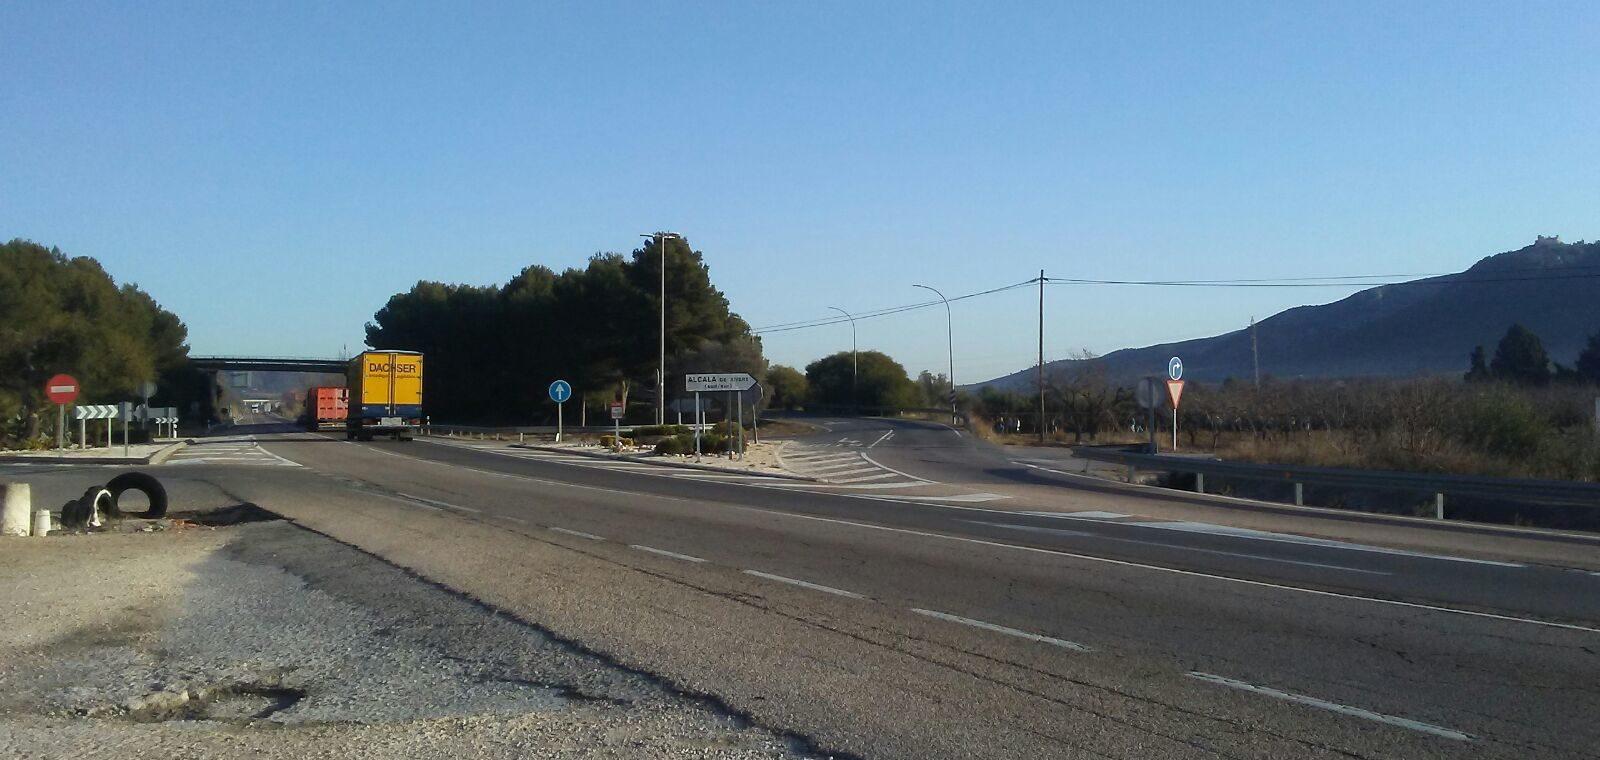 L'alcalde d'Alcalà-Alcossebre recorda en una carta a Ábalos les demandes 'pendents i urgents' en transport i carreteres